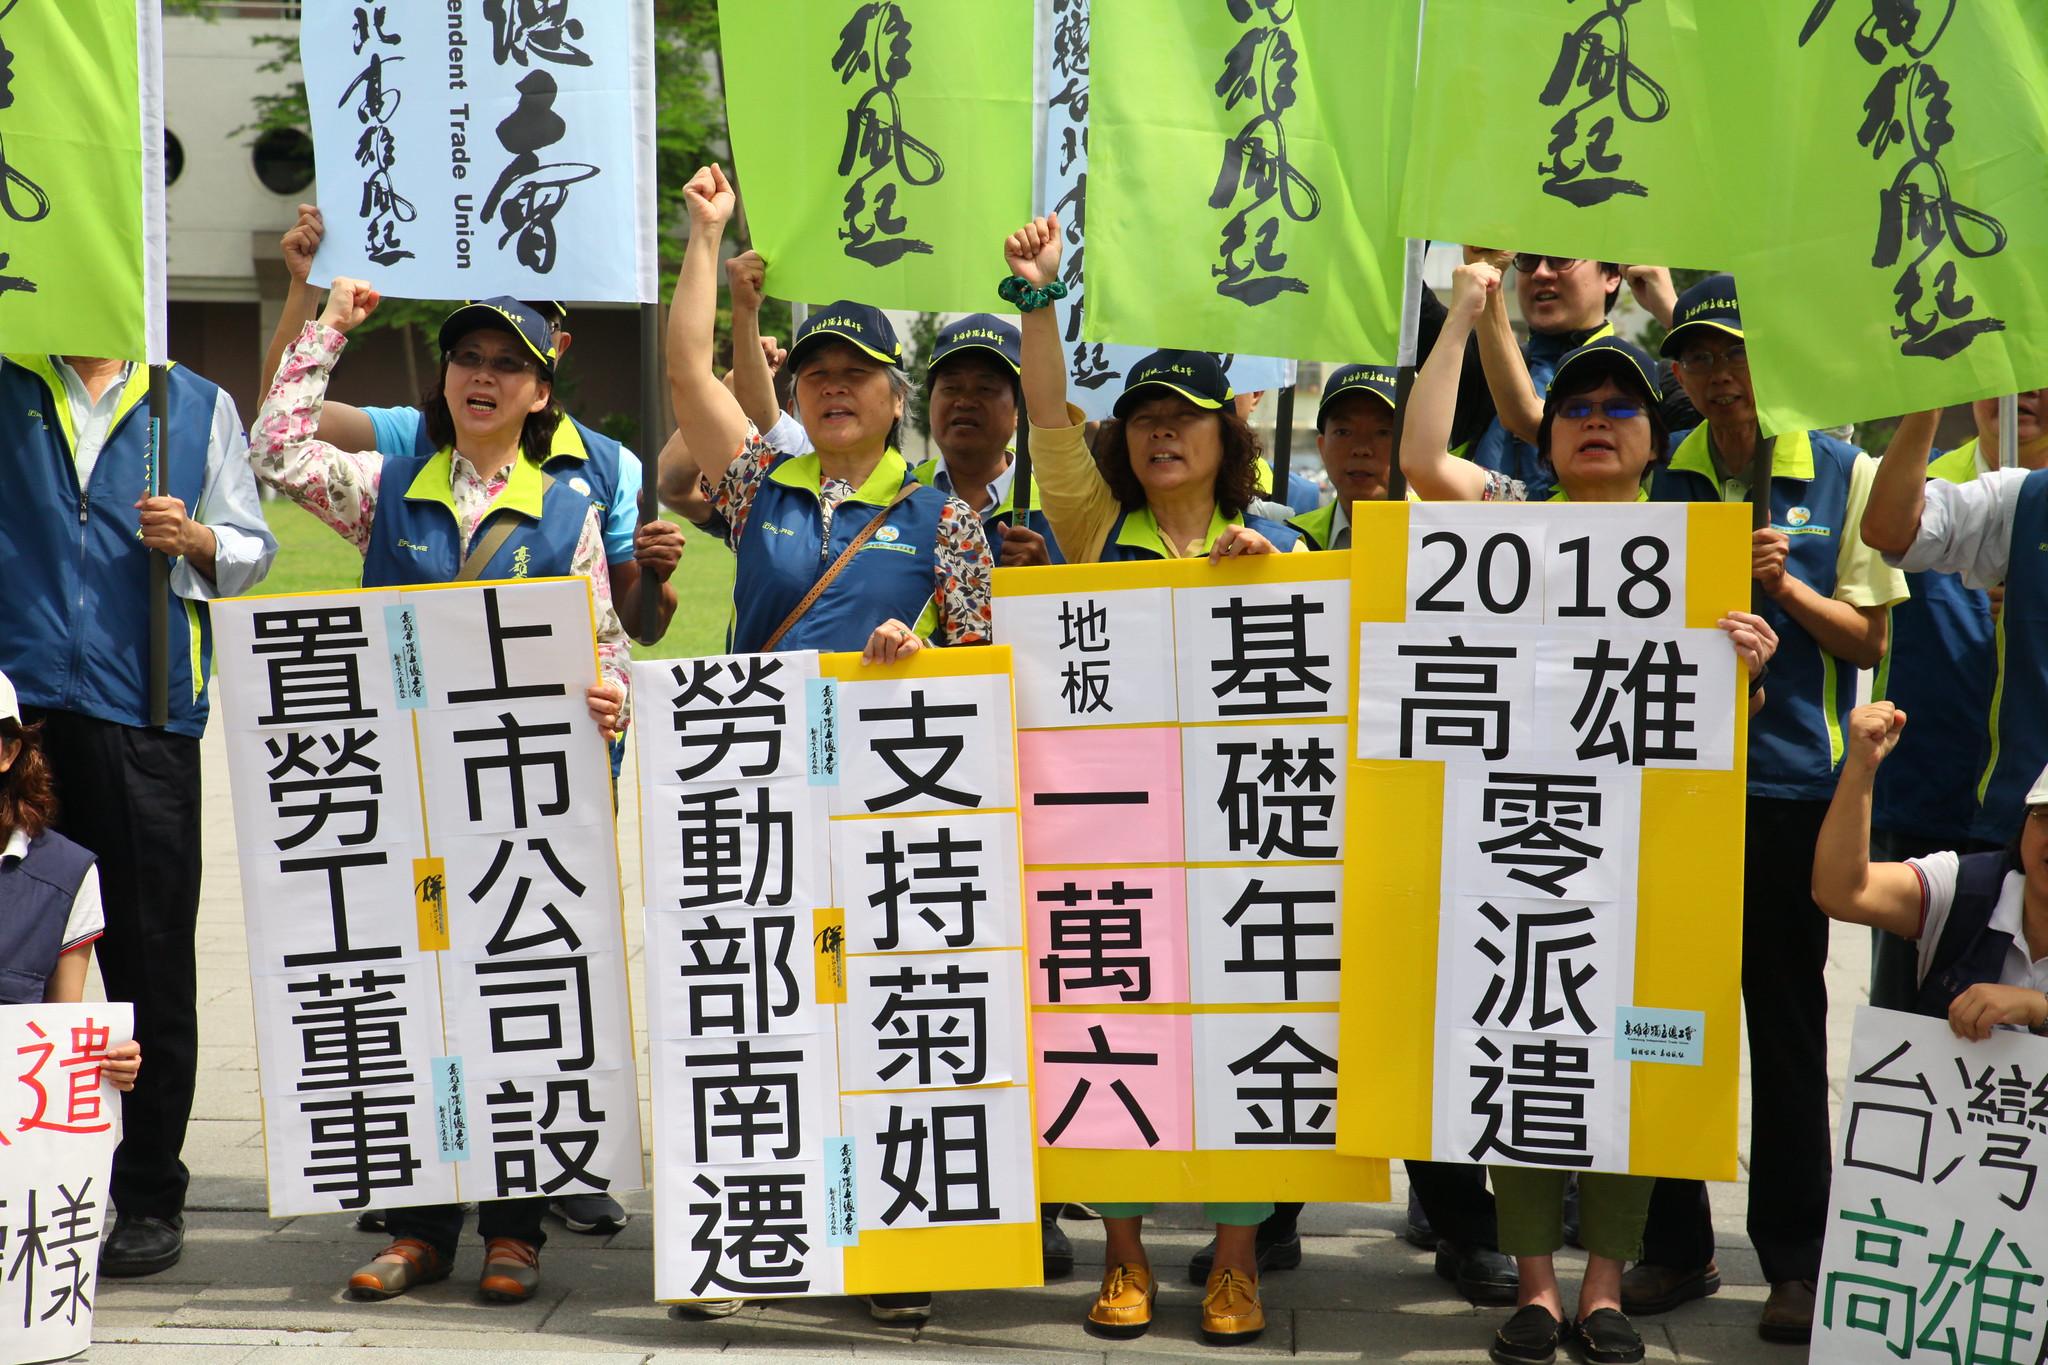 由高雄市獨立總工會、高雄市職業總工會、台灣工會大聯盟等團體到總統府南部辦公室前,提出關於勞動保障的五項訴求。(攝影:陳逸婷)